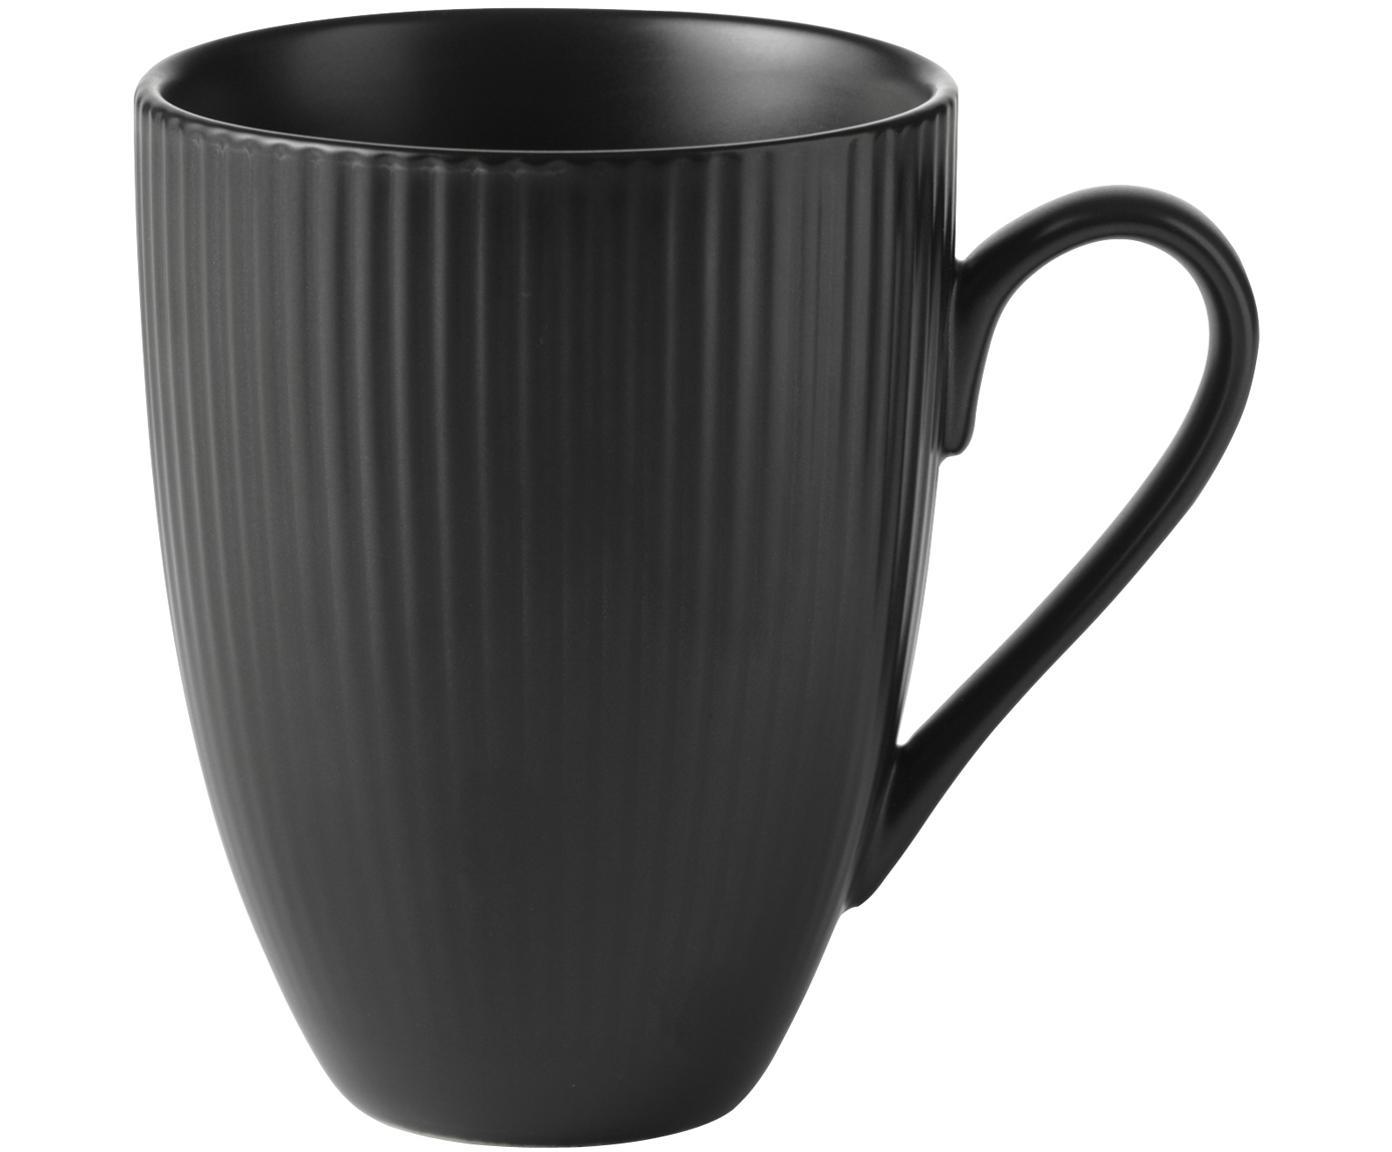 Koffiekopjes Groove, 4 stuks, Porselein, Zwart, Ø 9 x H 11 cm